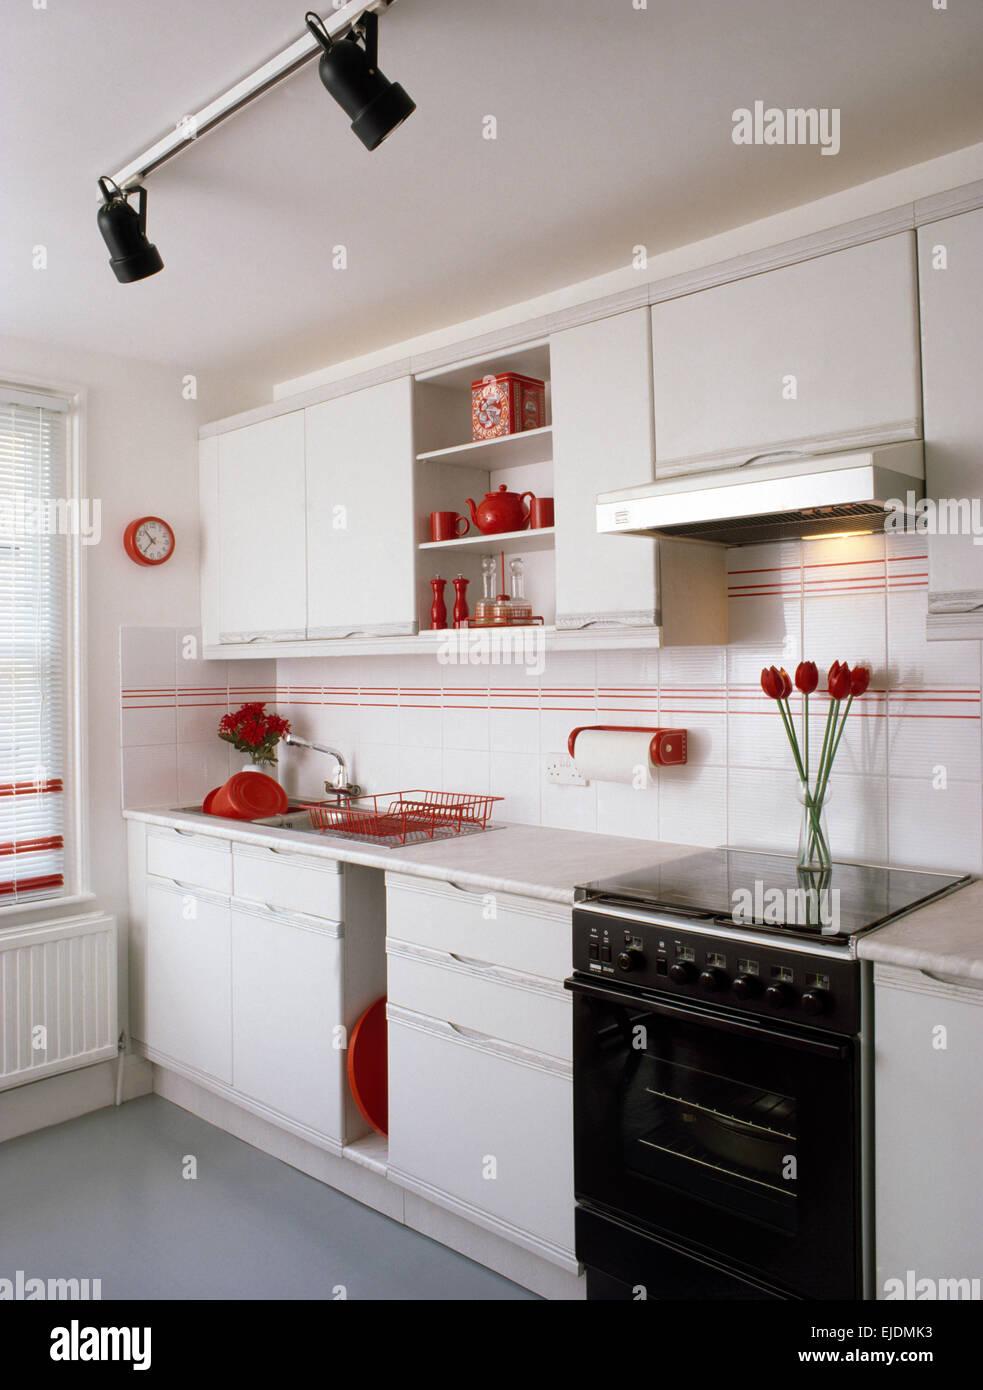 Schwarz Gasofen In Weißen 80er Jahre Küche Mit Roten Details Und  Schienensysteme Stockbild